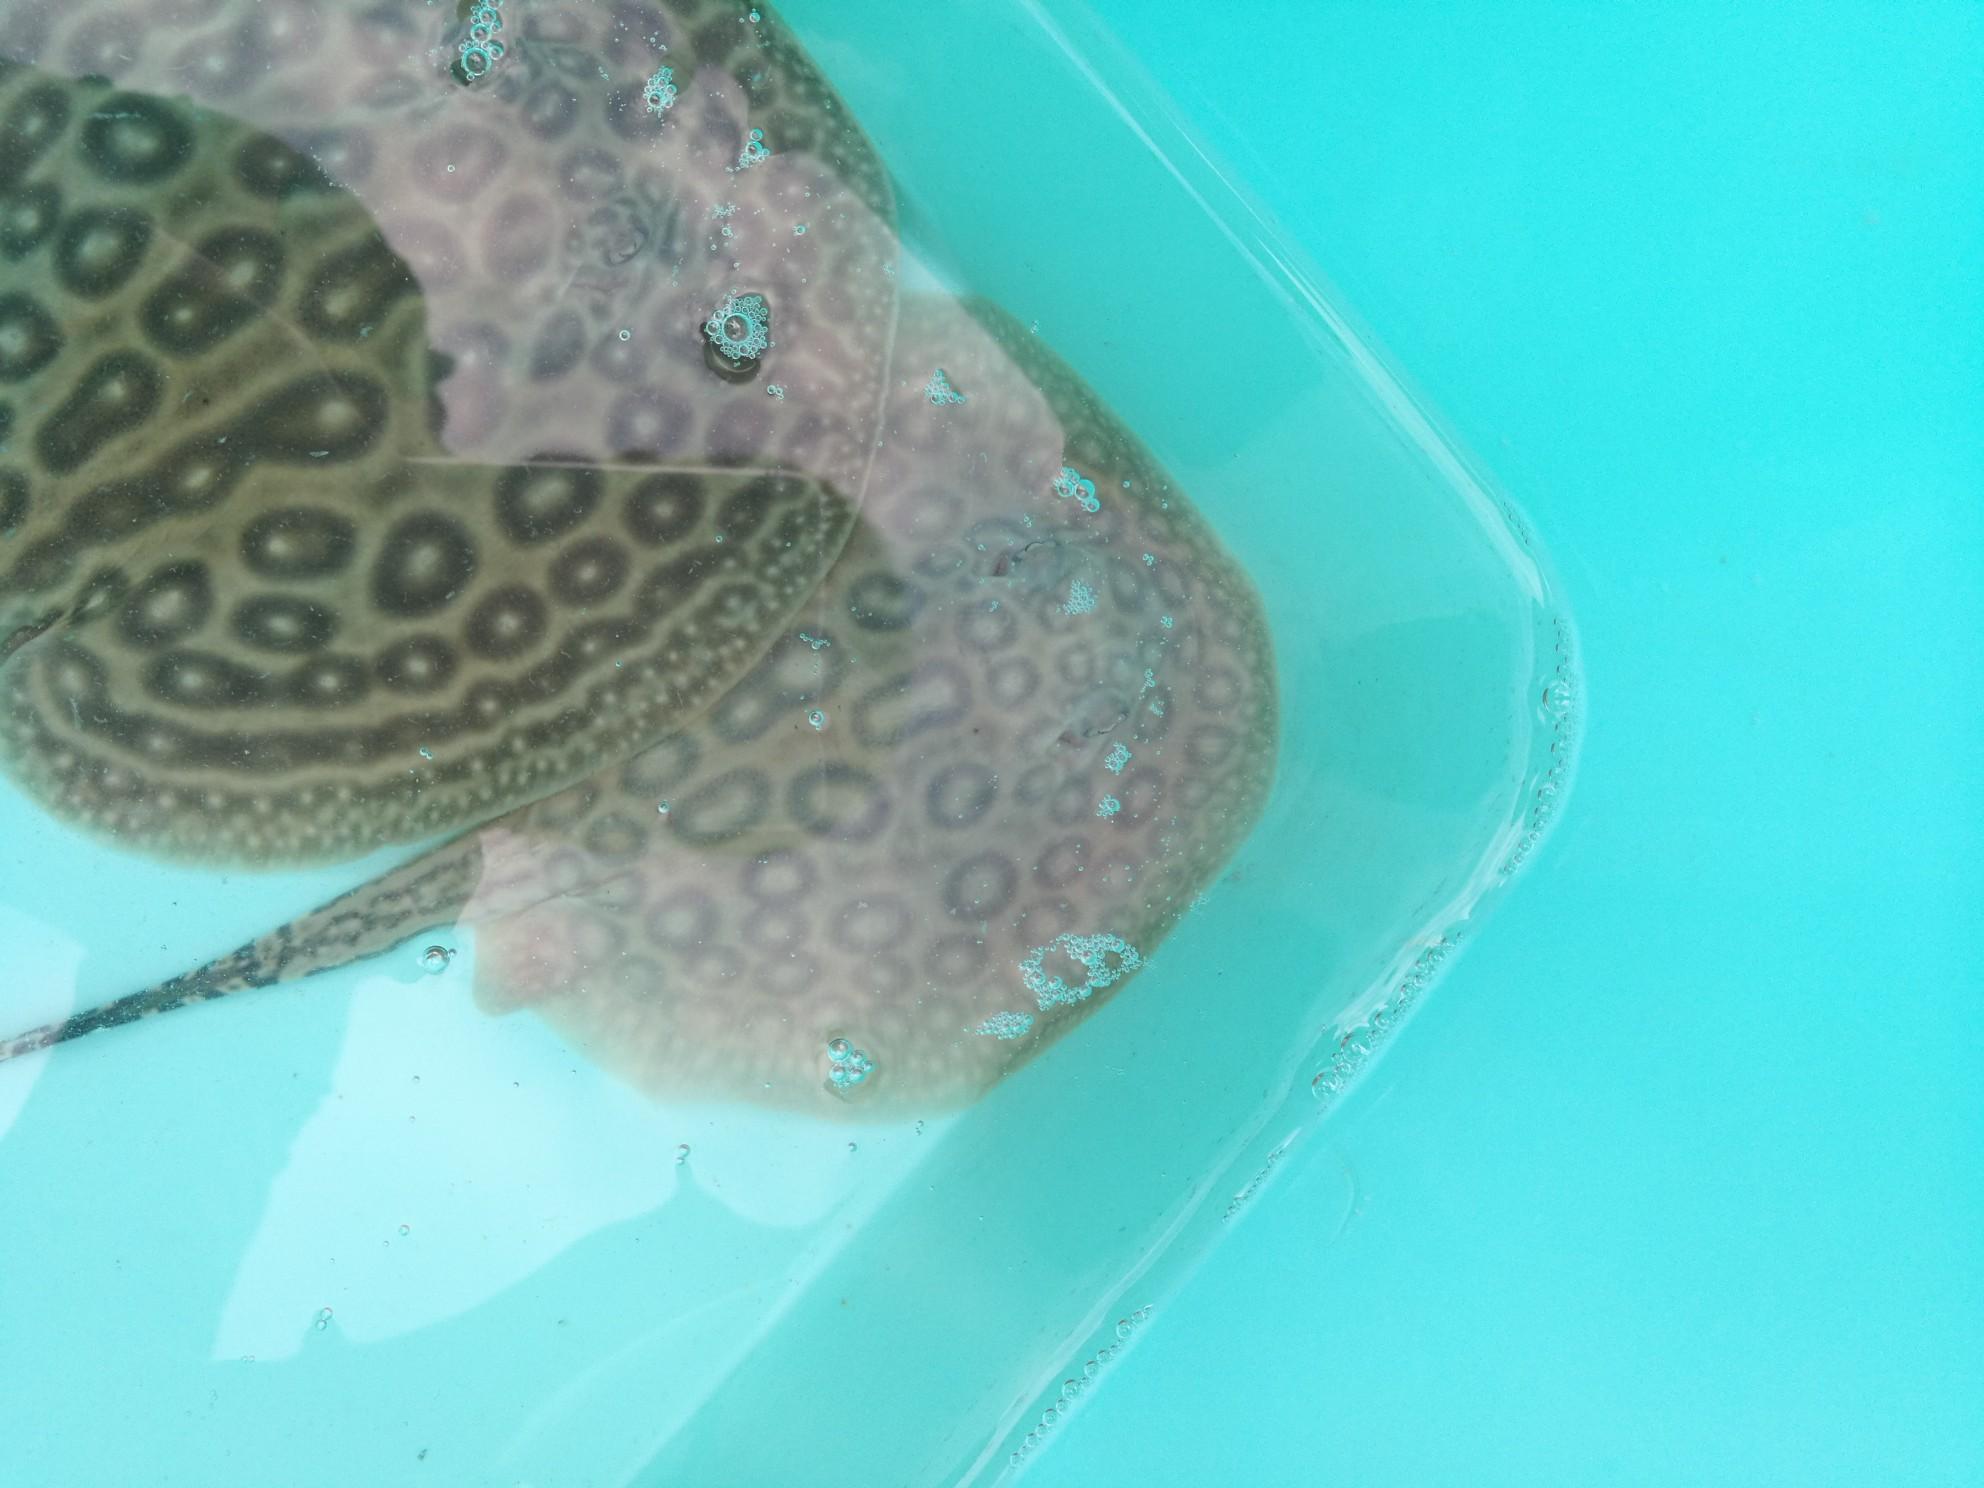 小鱼都是别人的好 西安龙鱼论坛 西安博特第1张